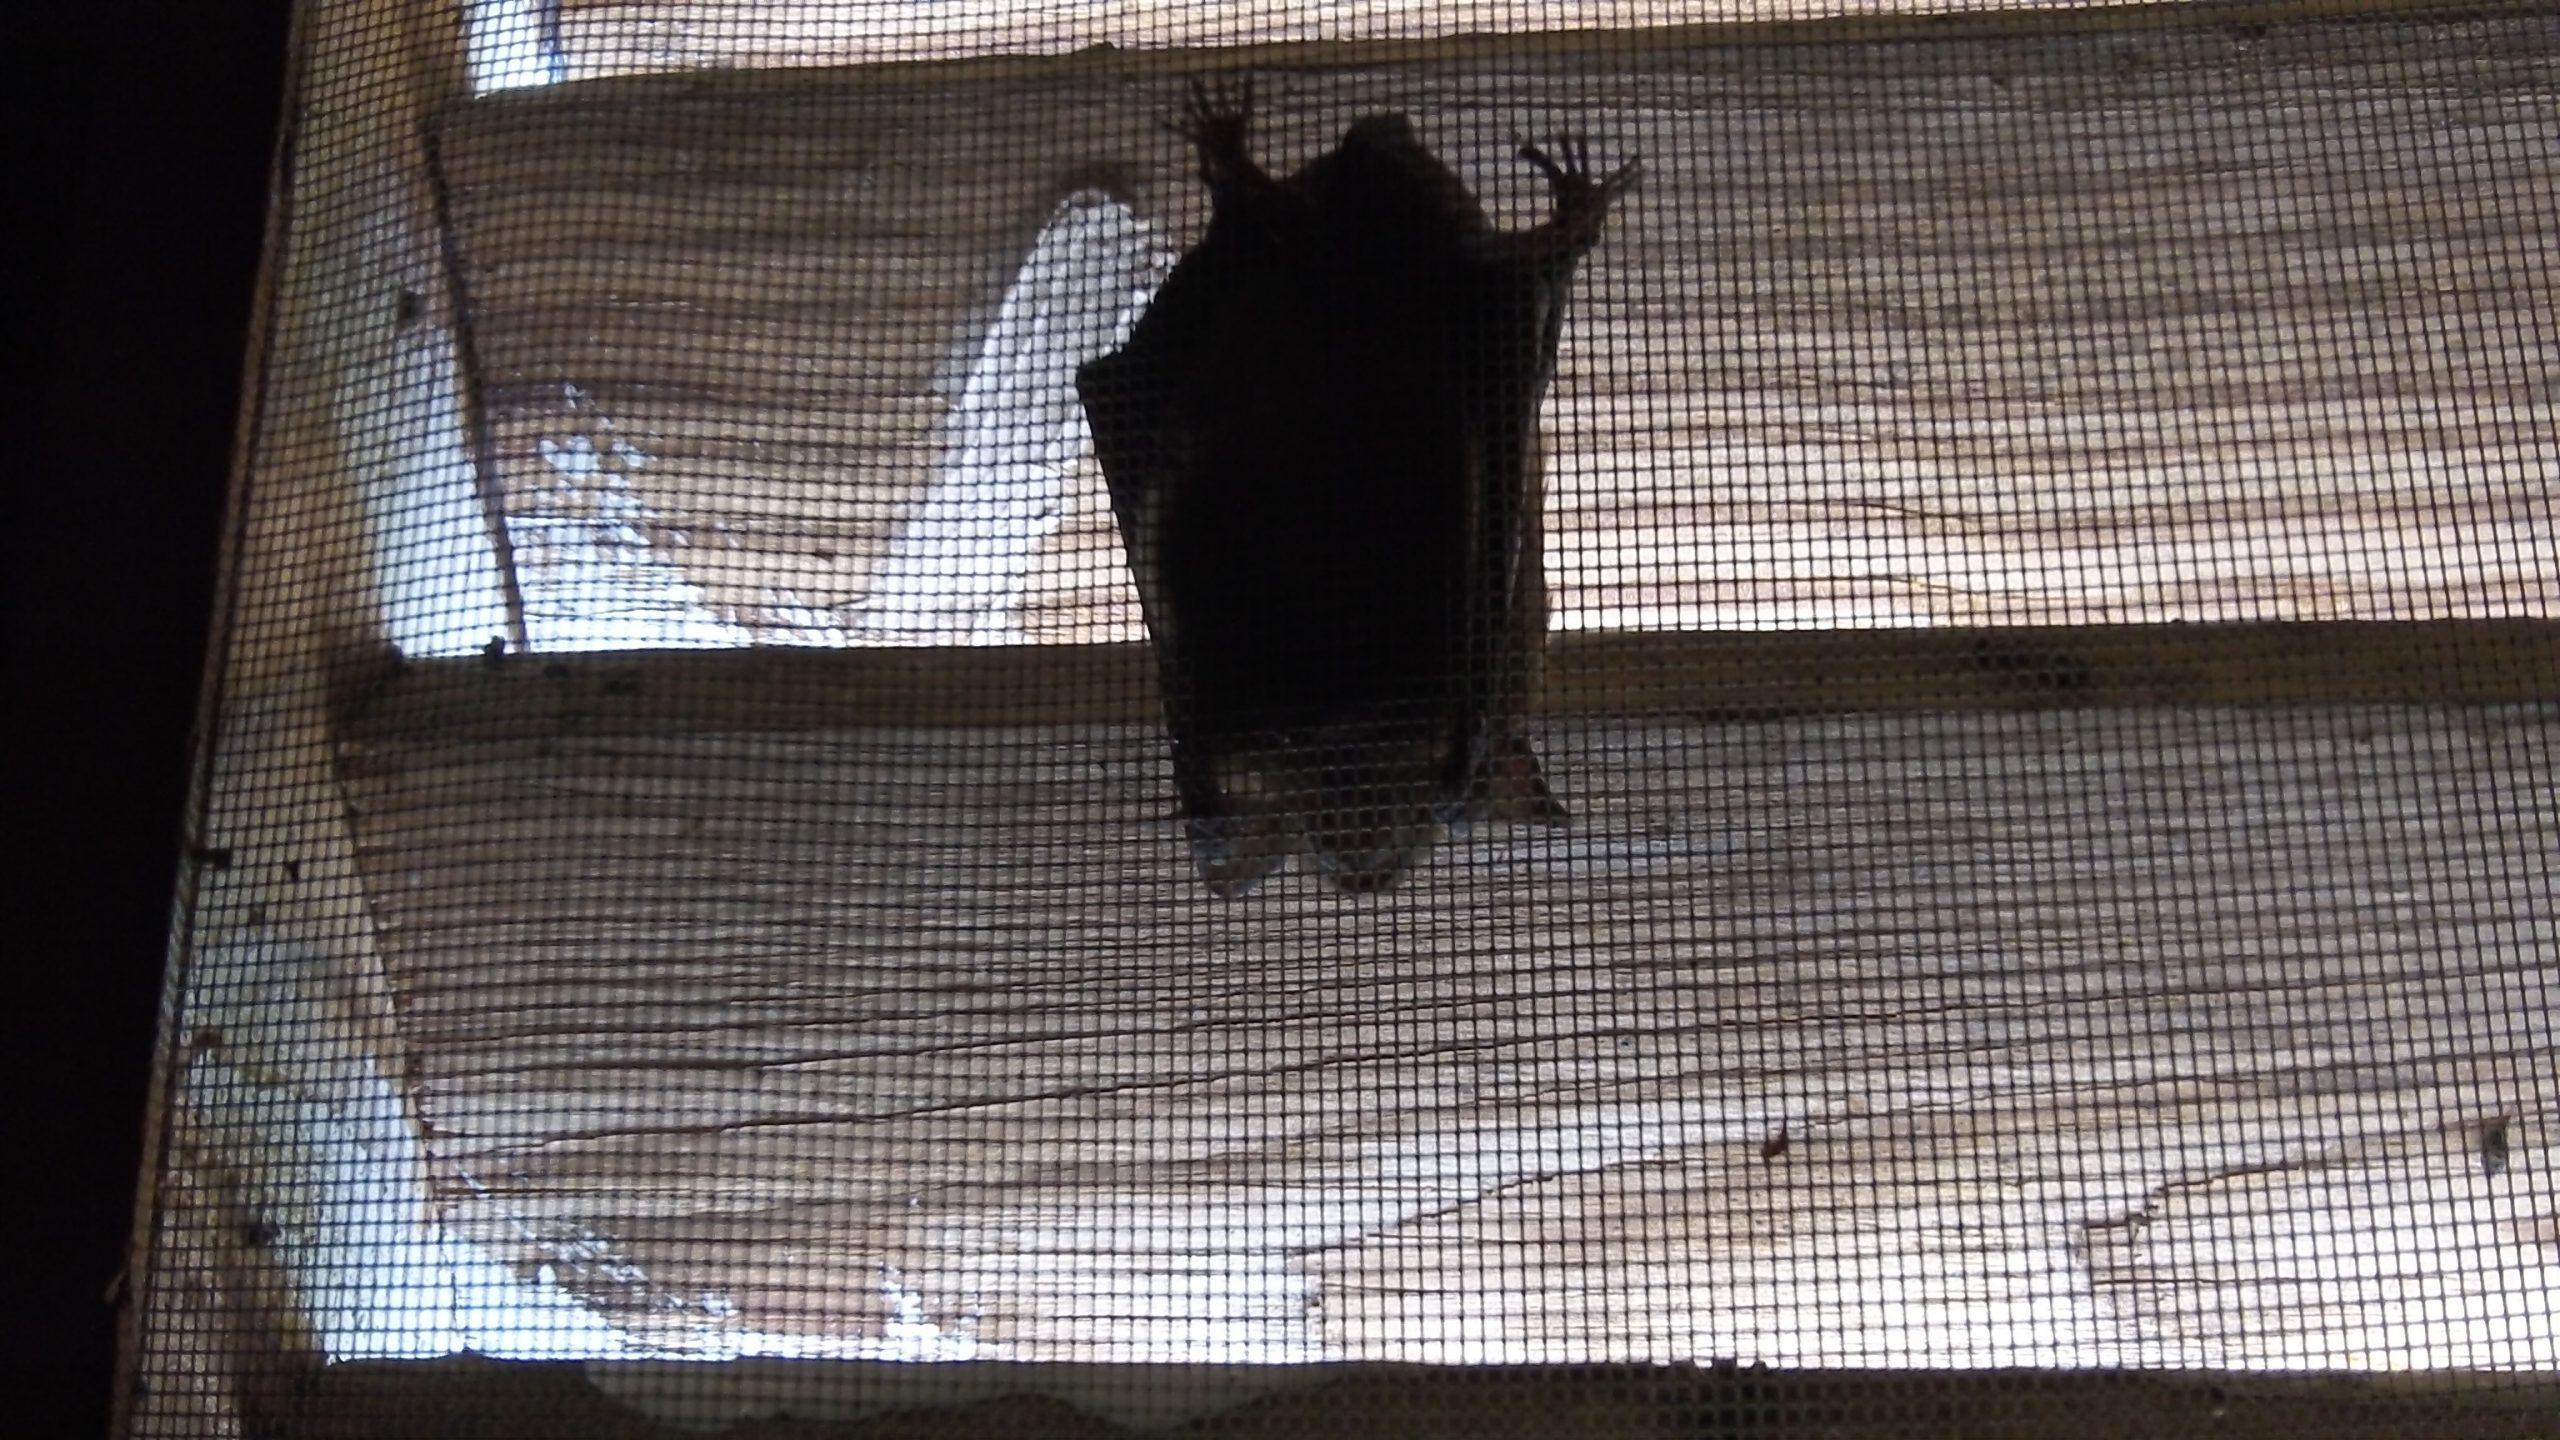 Bat in Gable (3)